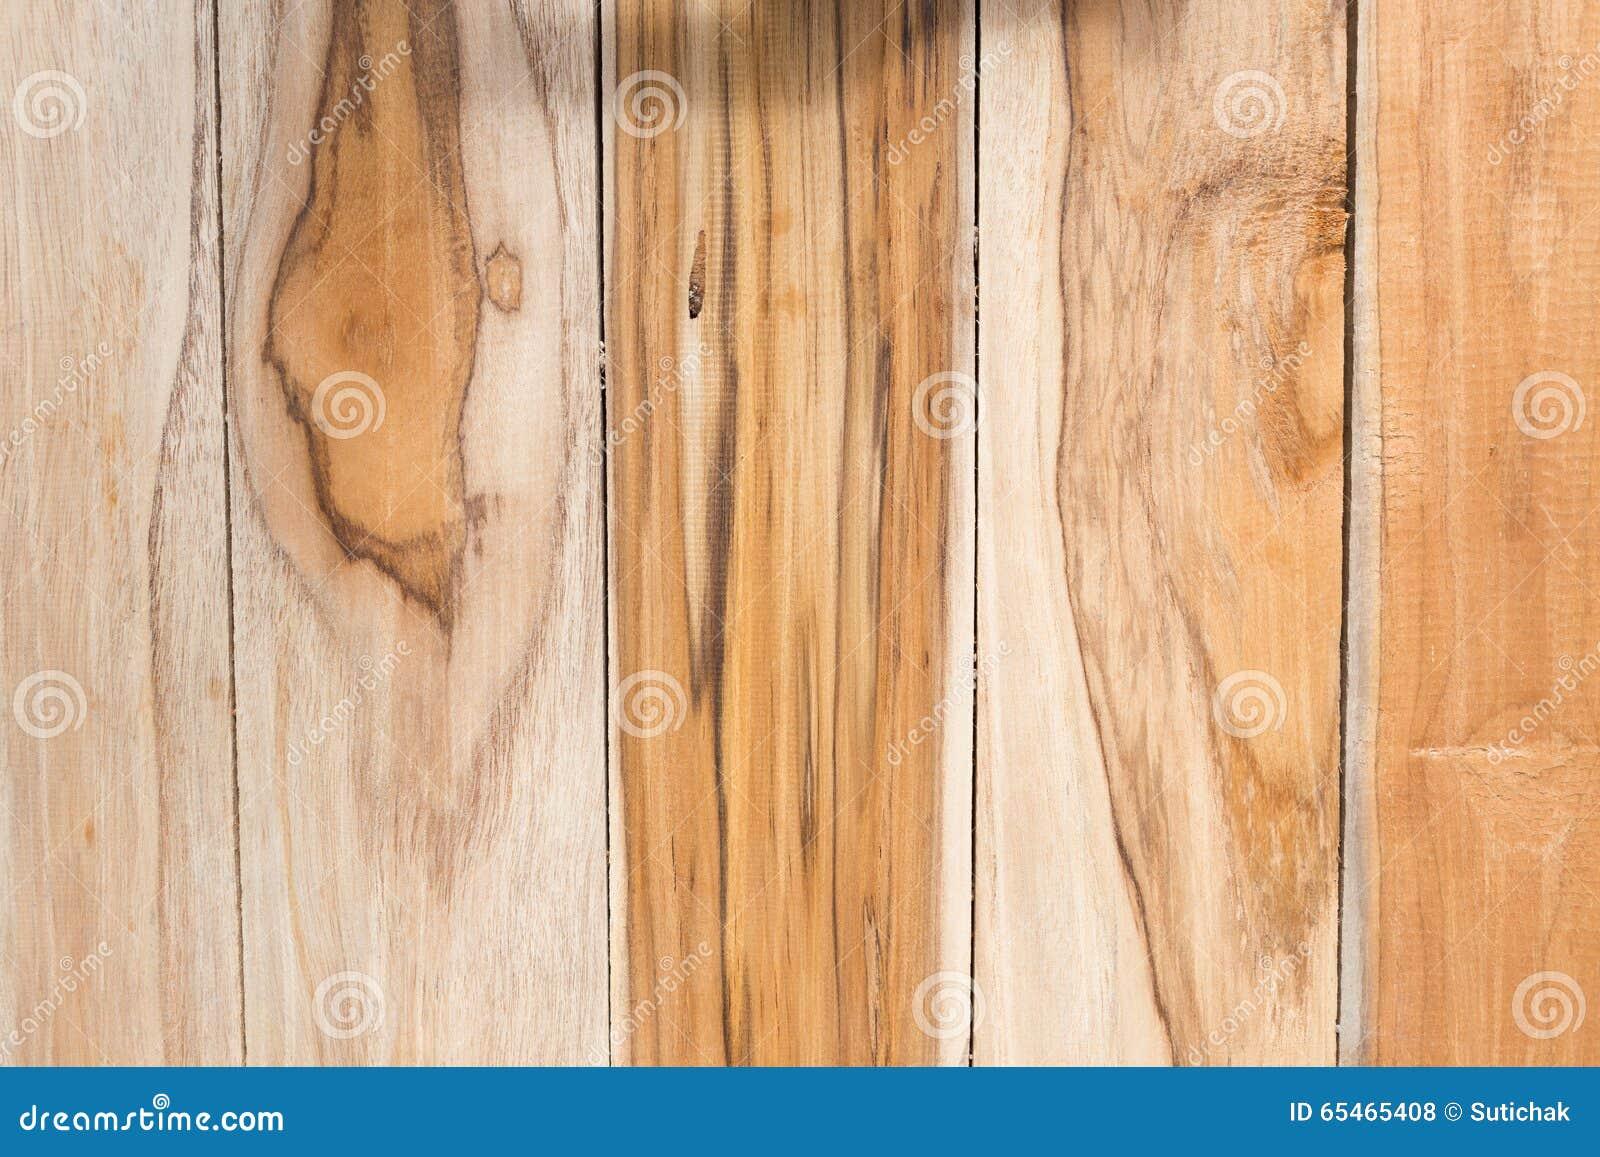 texture en bois de planche de grange de palette de bois de construction photo stock image. Black Bedroom Furniture Sets. Home Design Ideas